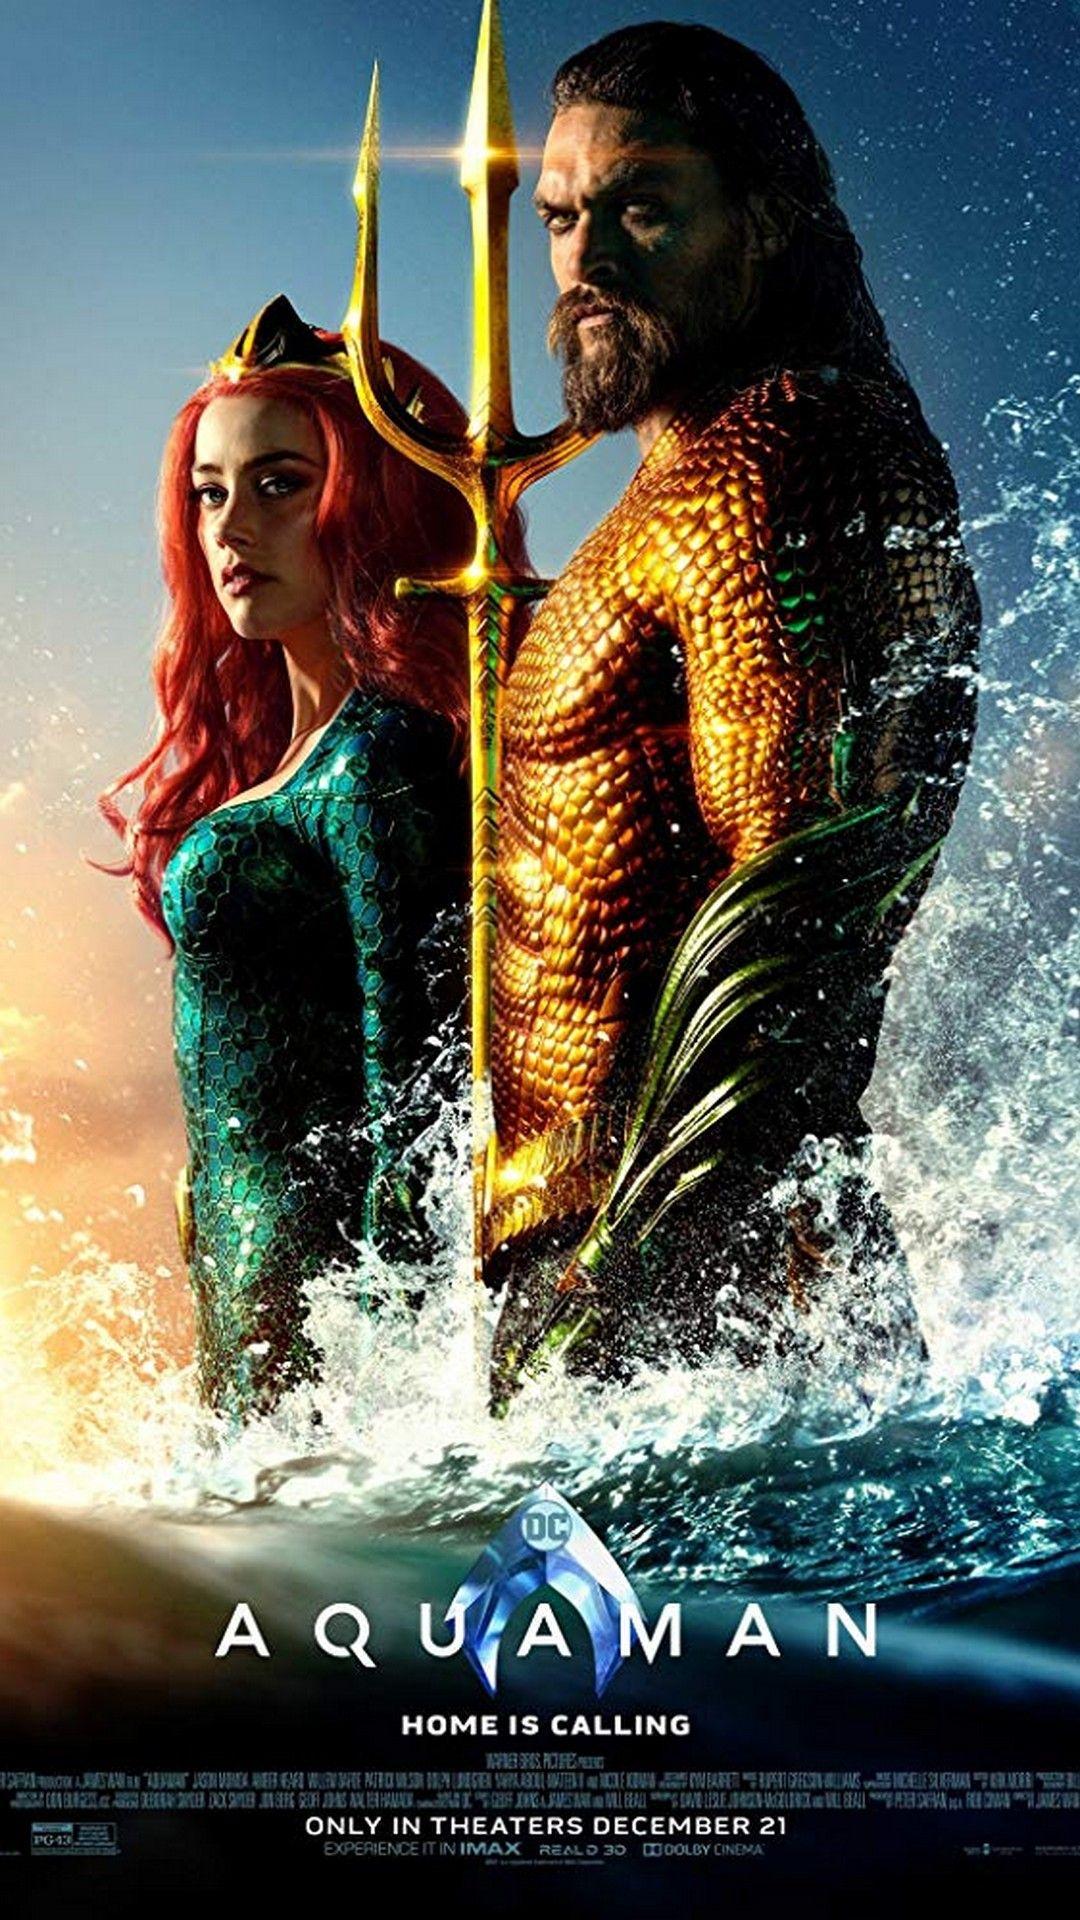 Aquaman Images Hd